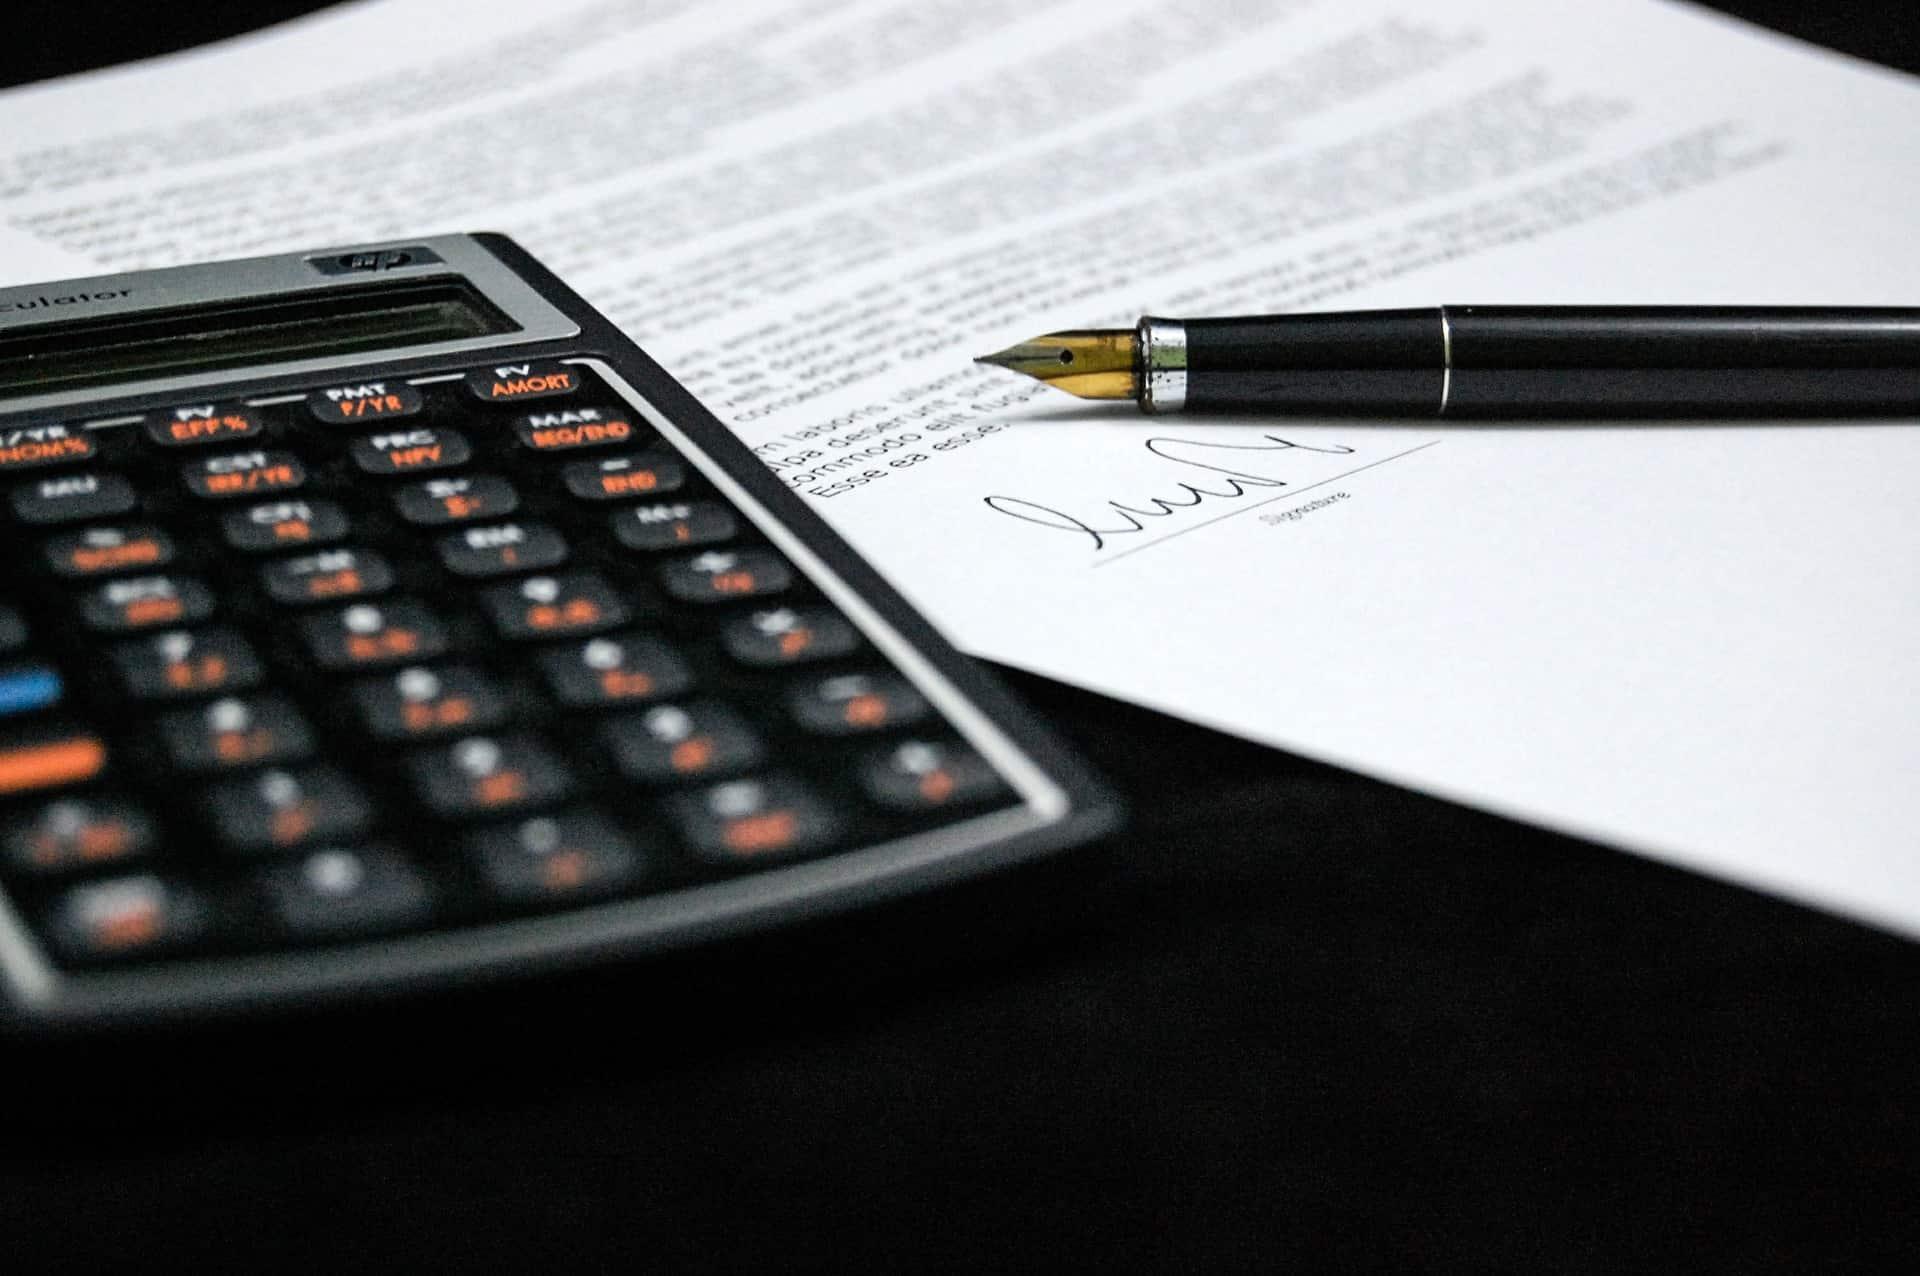 Imagem mostra uma calculadora financeira ao lado de um documento e uma caneta.